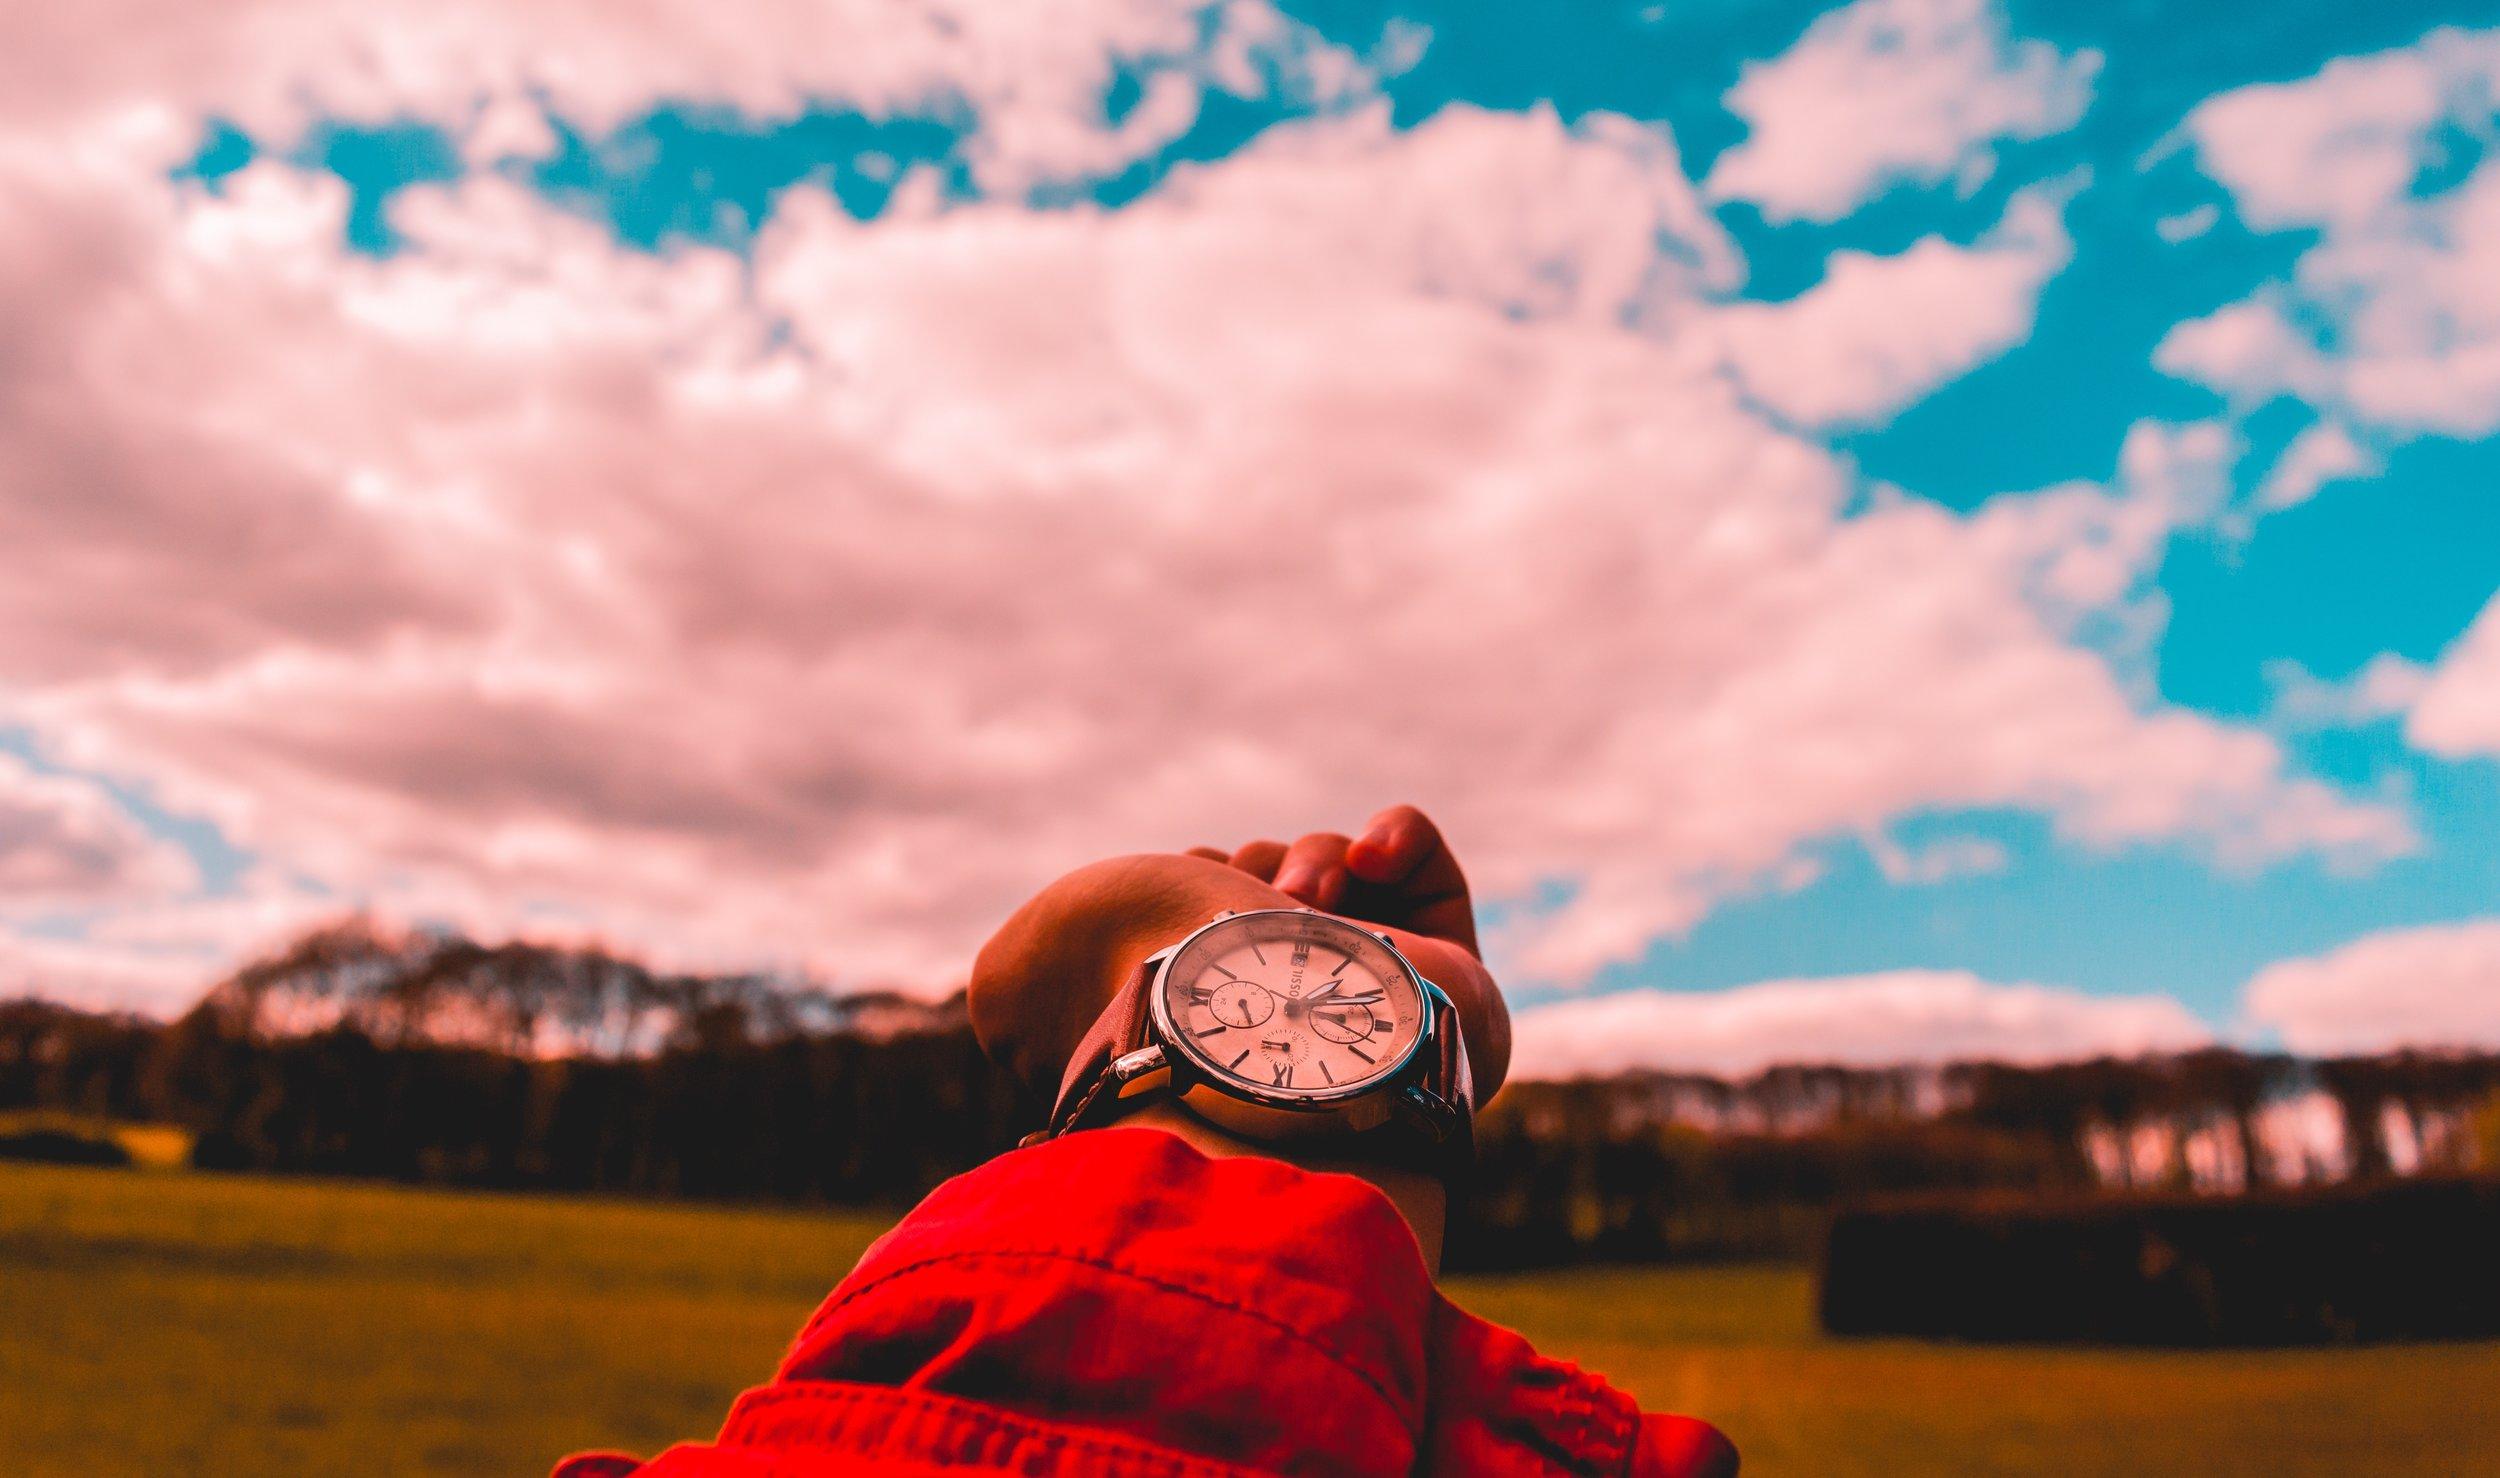 blur-clouds-dawn-547766 (1).jpg